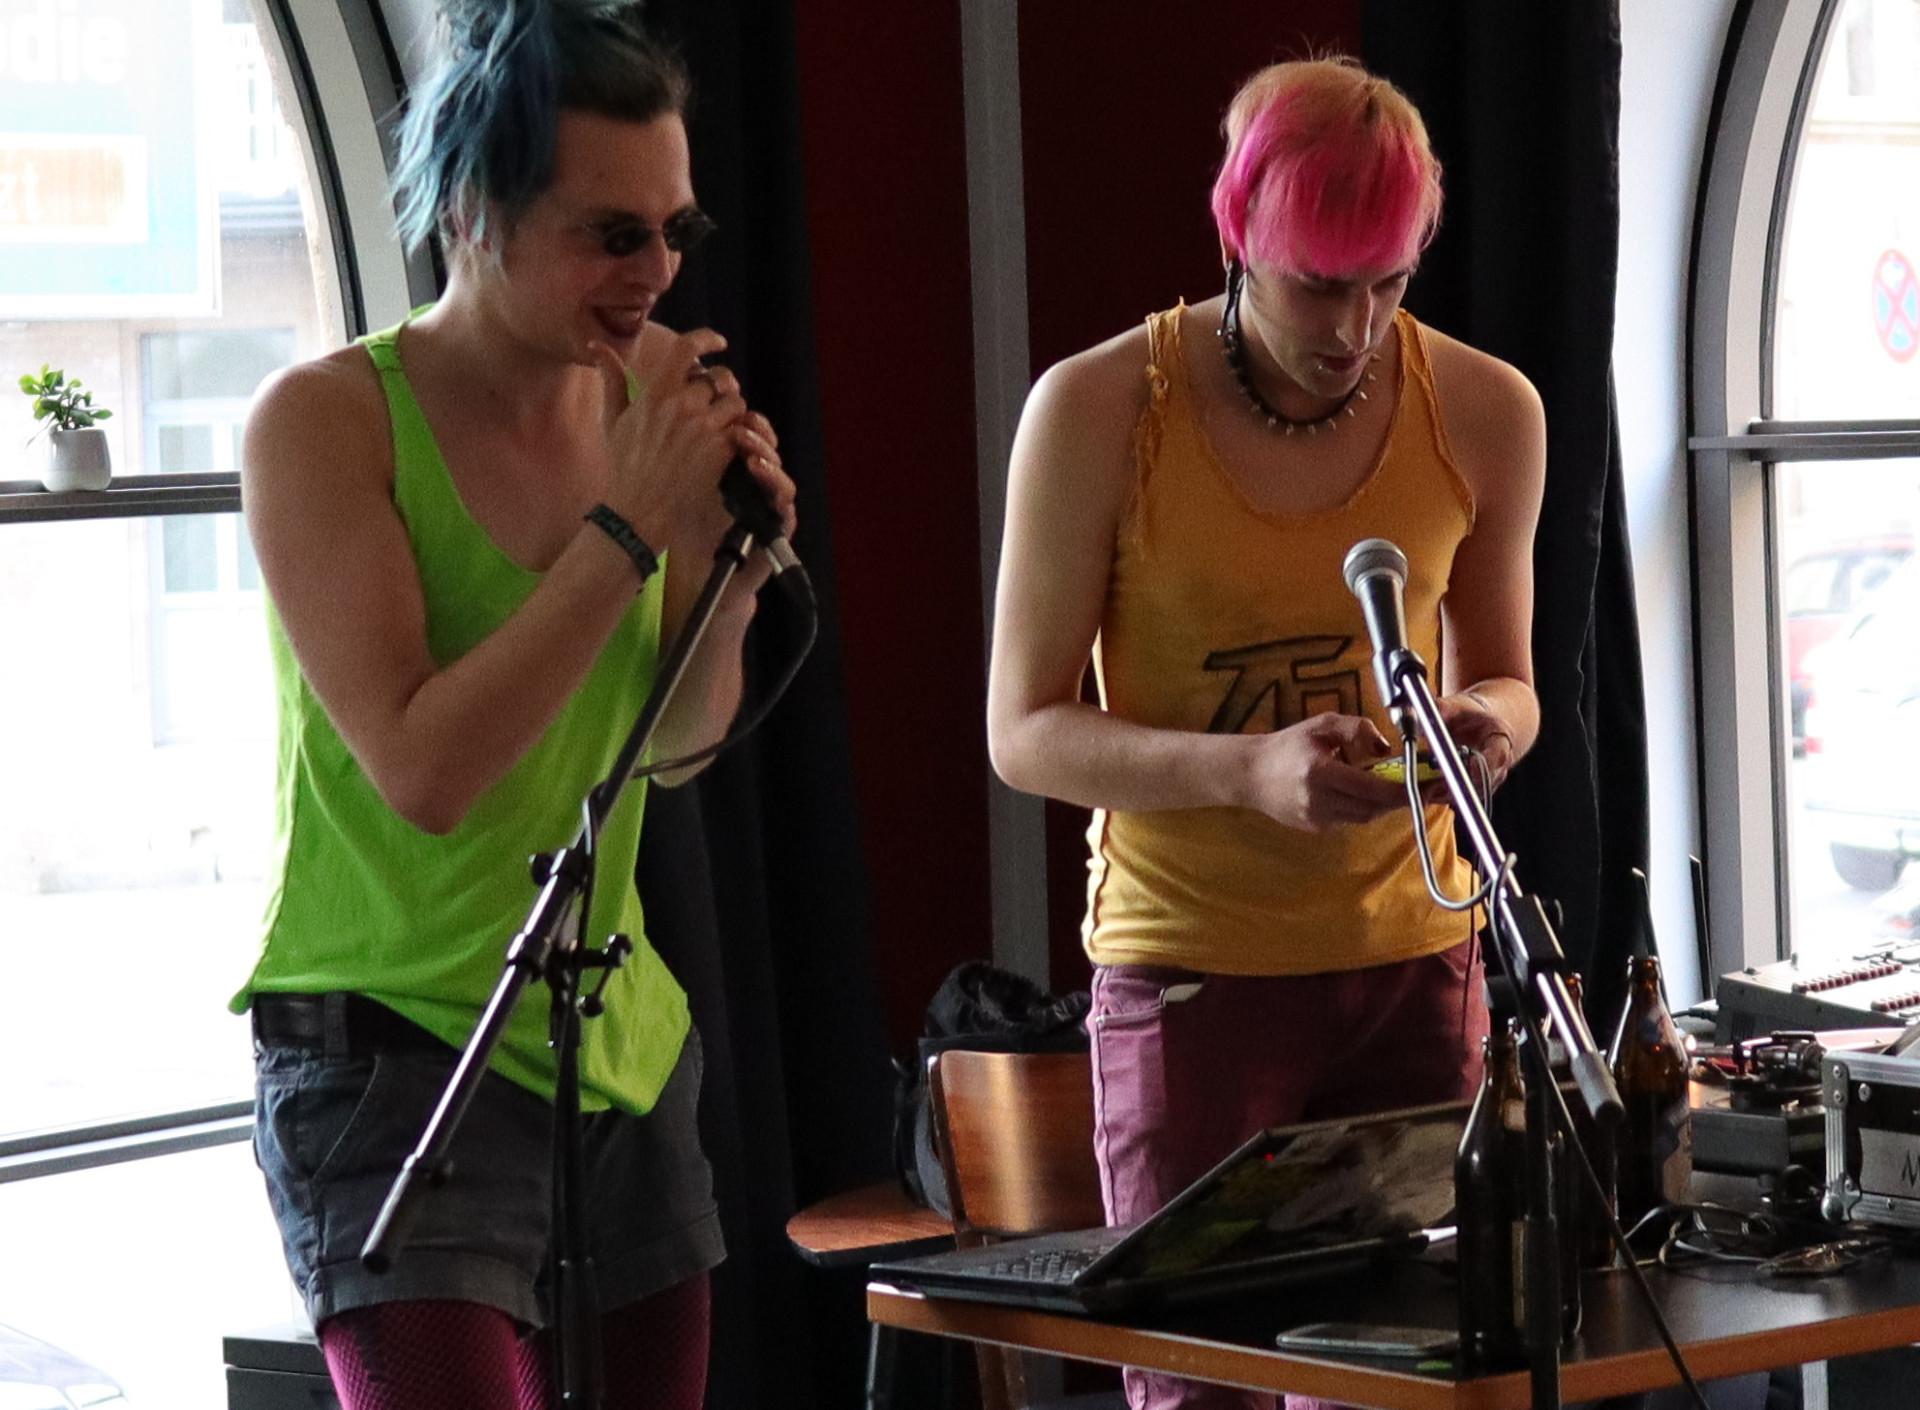 Zwei cyberpunks stehen auf einer Bühne. Einer singt in ein Mikrofon, der andere spielt auf einem Synthesizer.